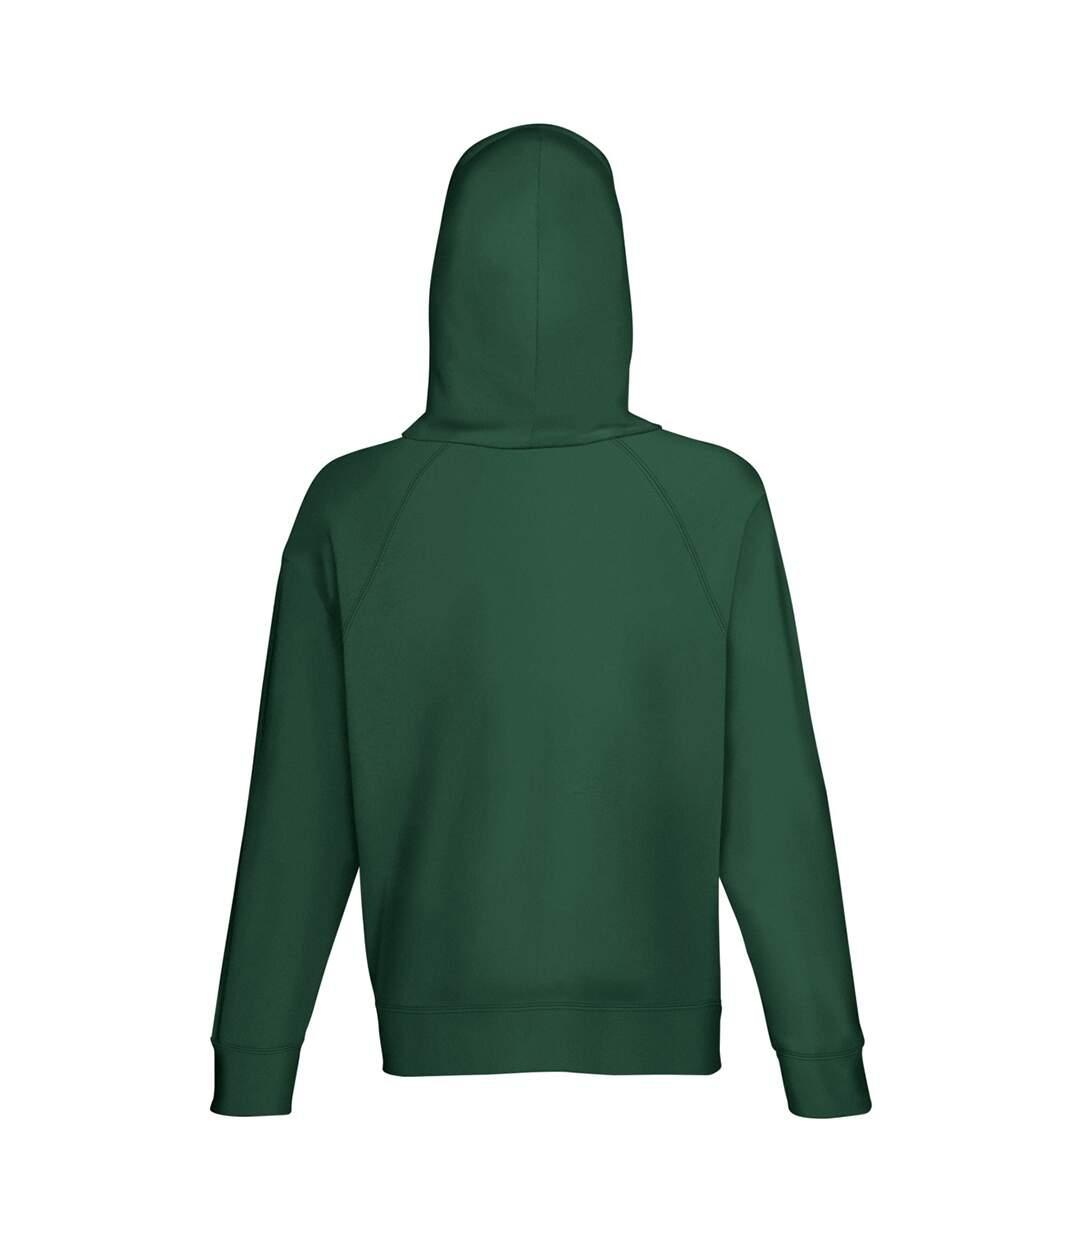 Fruit Of The Loom Mens Lightweight Hooded Sweatshirt / Hoodie (240 GSM) (Bottle Green) - UTBC2654